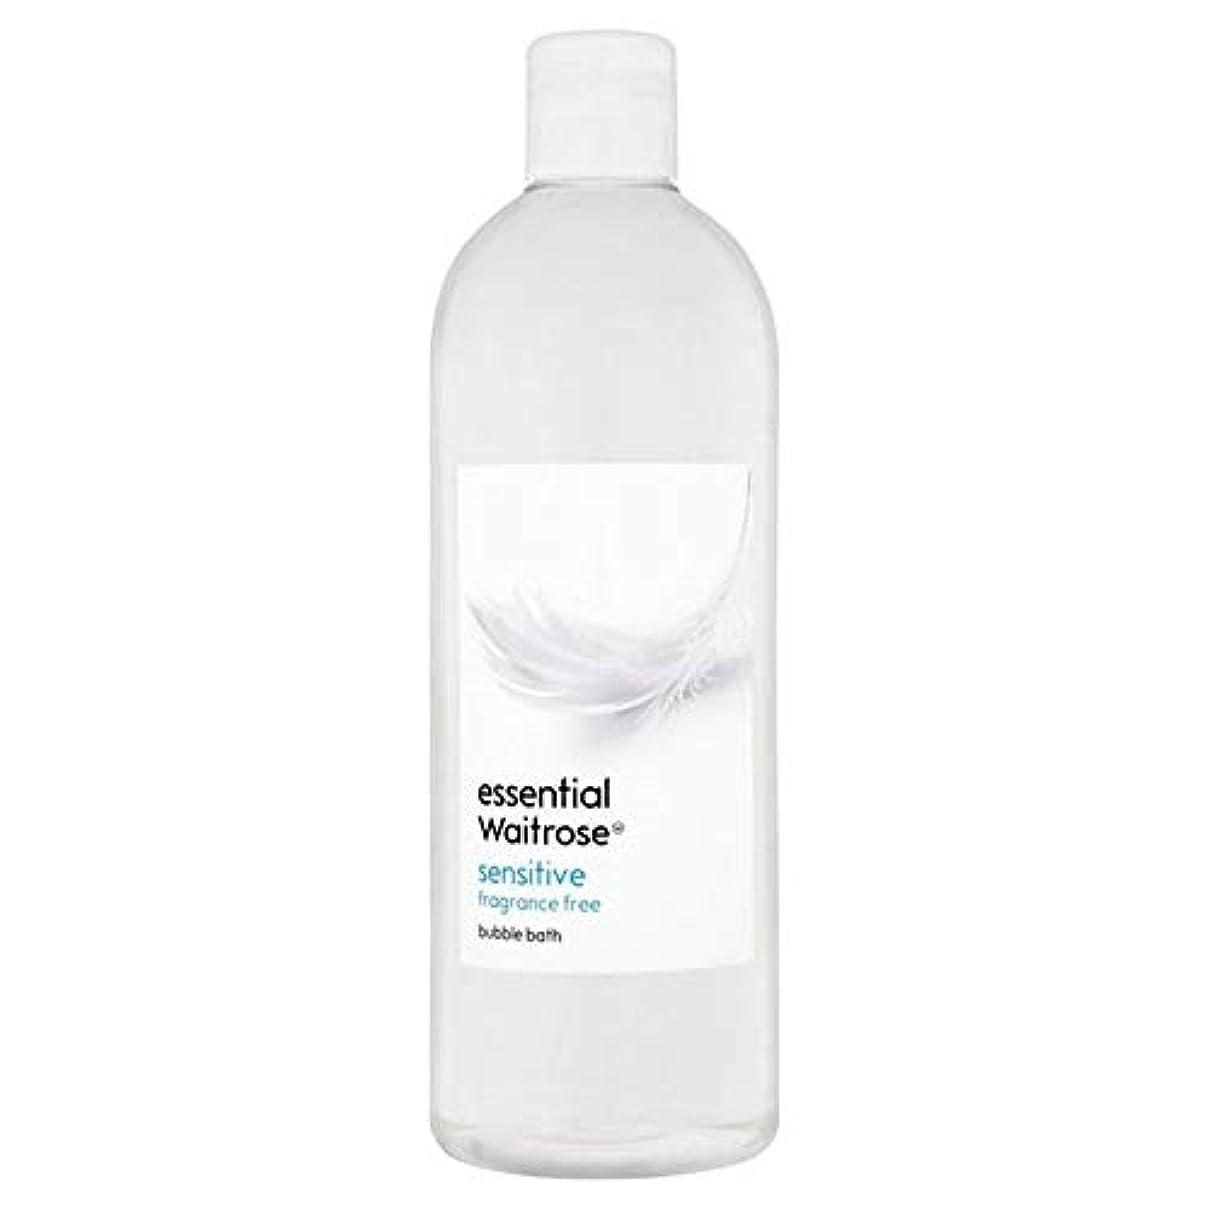 可動カートン困難[Waitrose ] 基本的なウェイトローズ泡風呂に敏感な750ミリリットル - Essential Waitrose Bubble Bath Sensitive 750ml [並行輸入品]